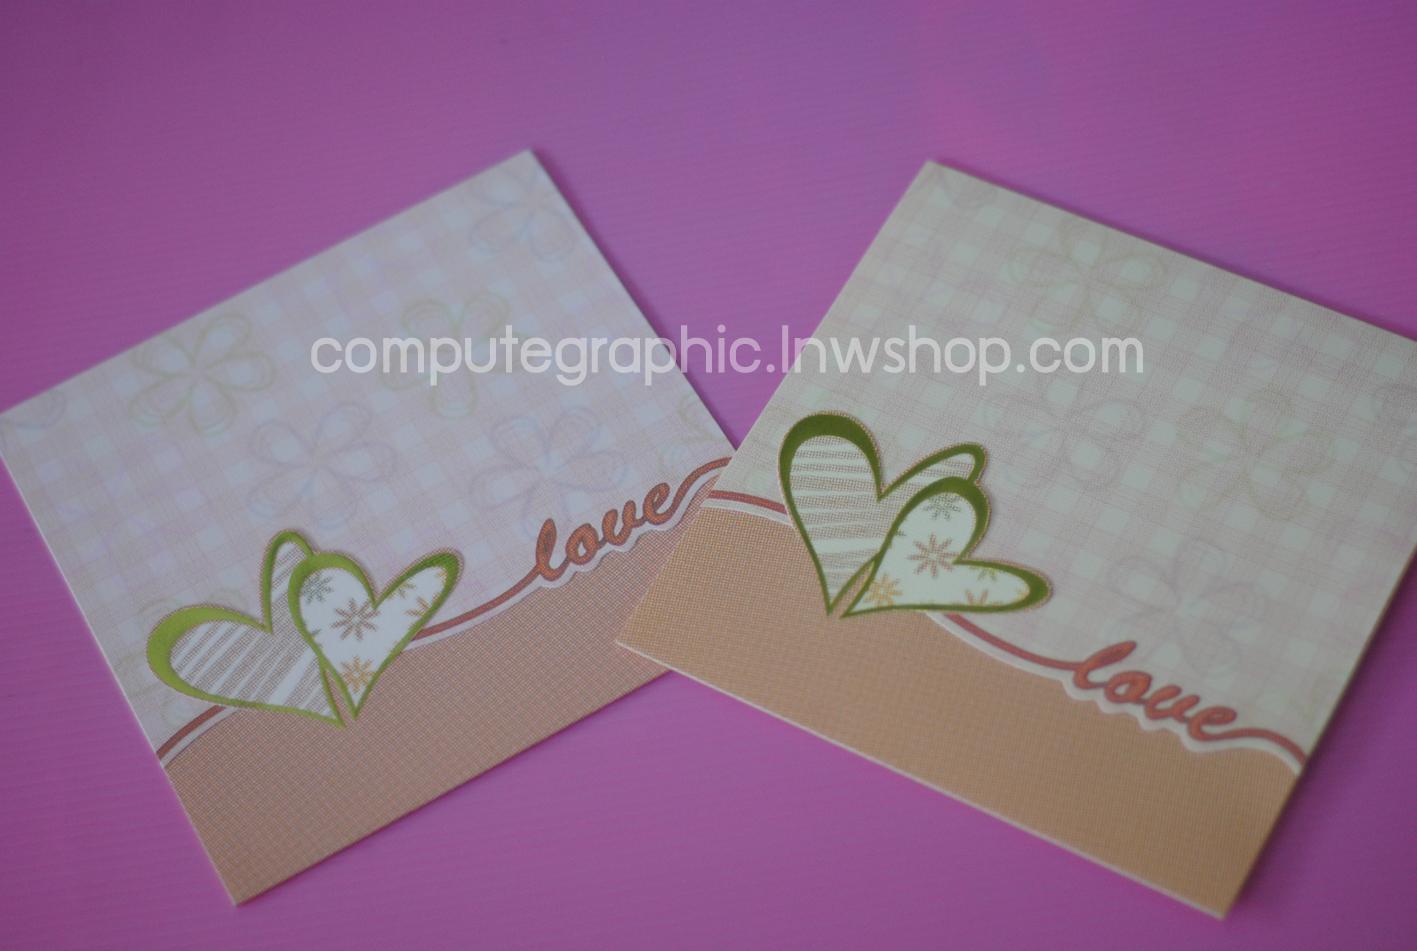 CG015 การ์ดแต่งงานสี่เหลี่ยมพับ (มี 2สี ให้เลือก)